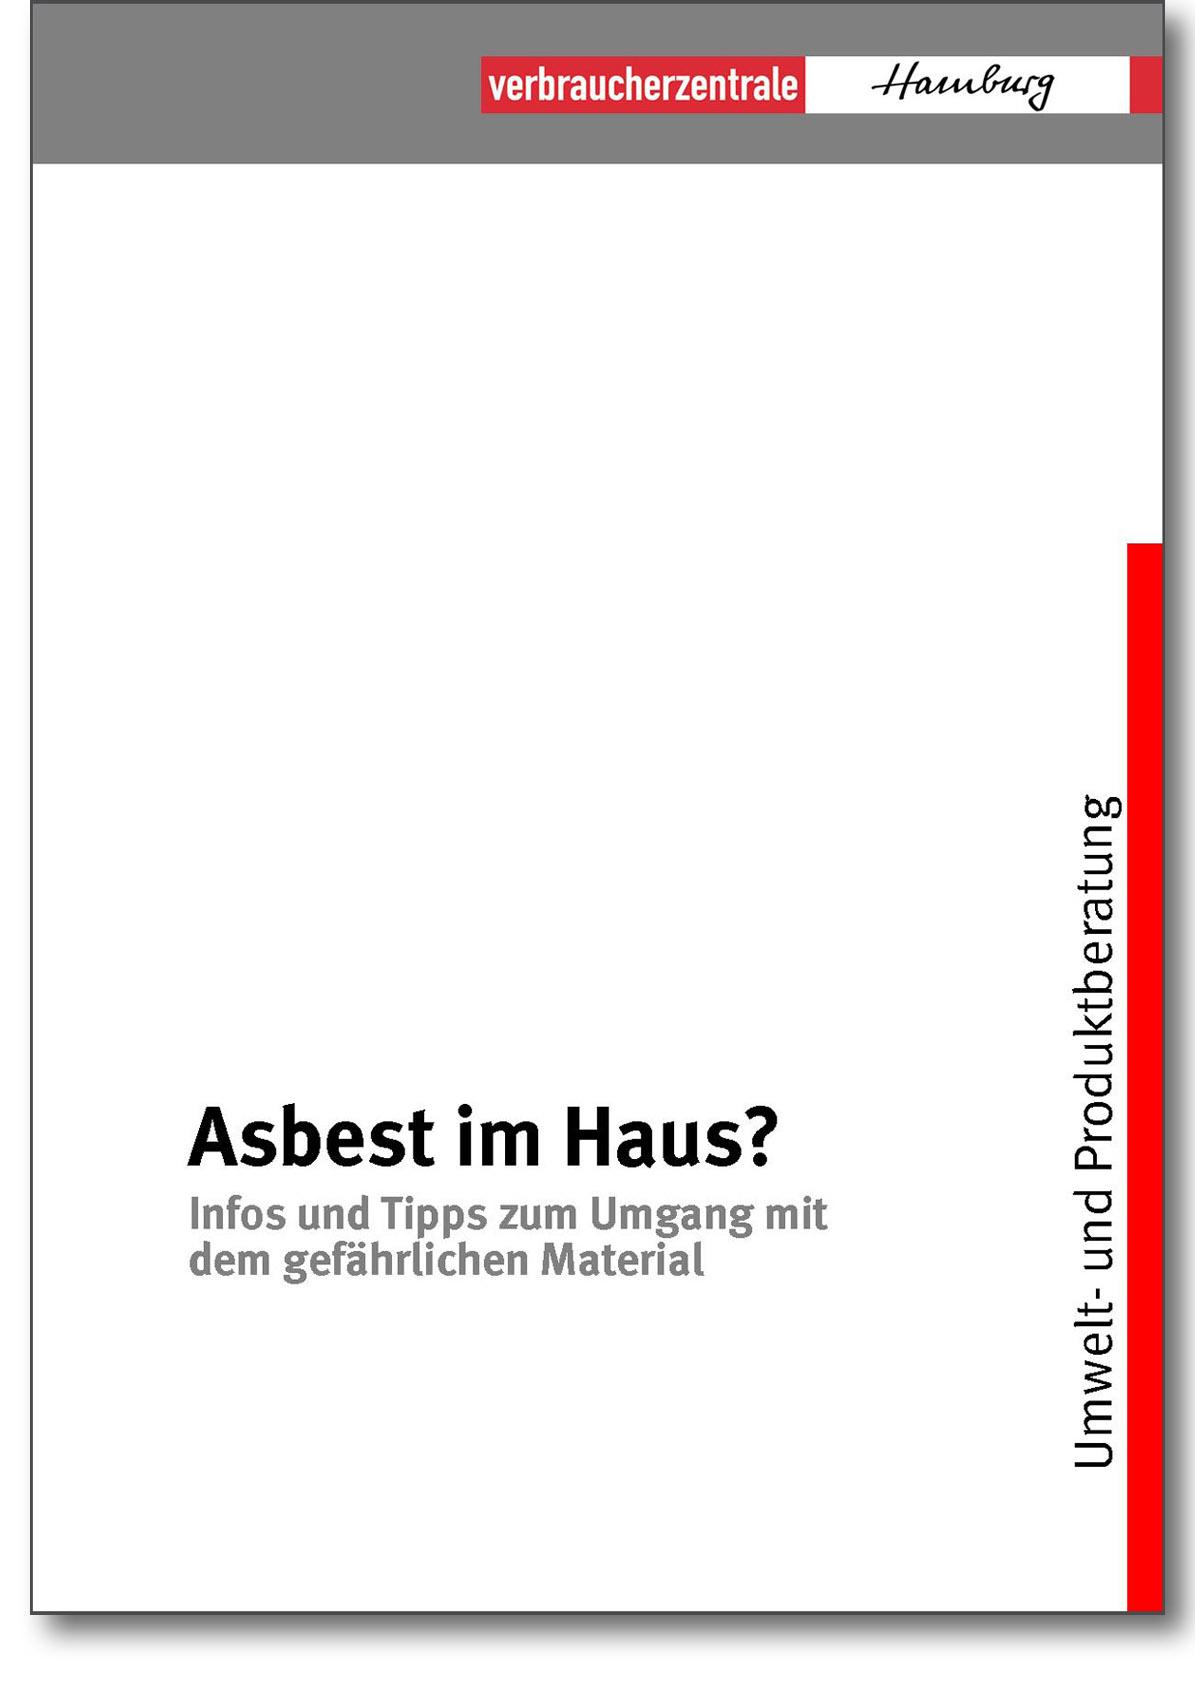 Infobroschüre - Asbest im Haus - Verbraucherzentrale